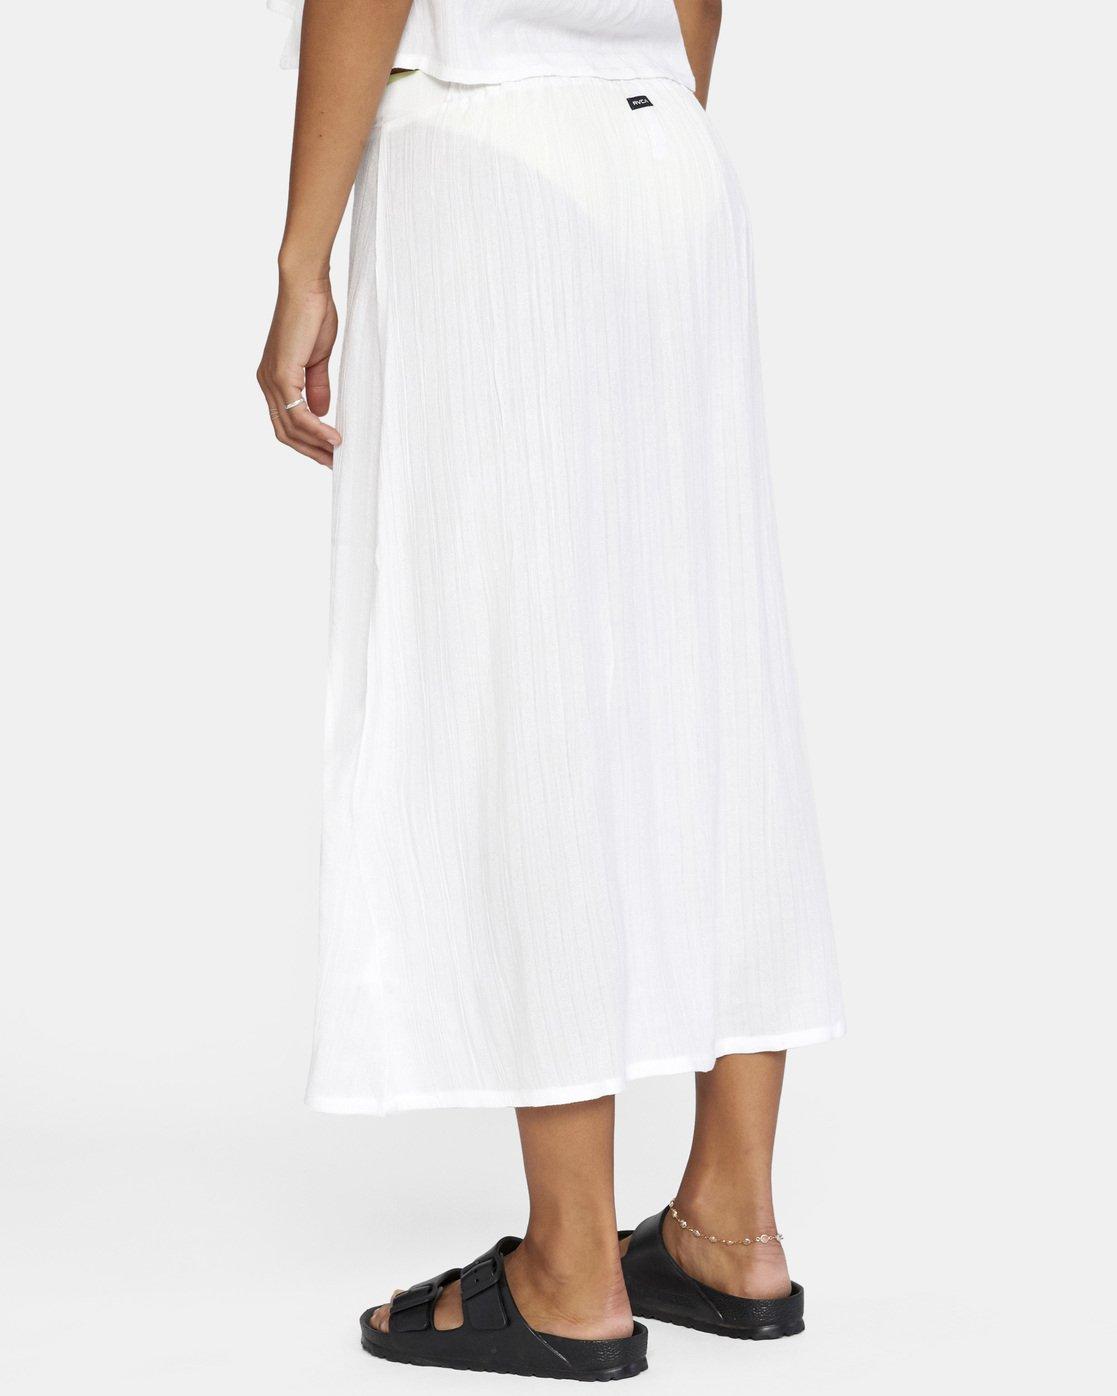 10 After Hours Skirt White AVJX600112 RVCA